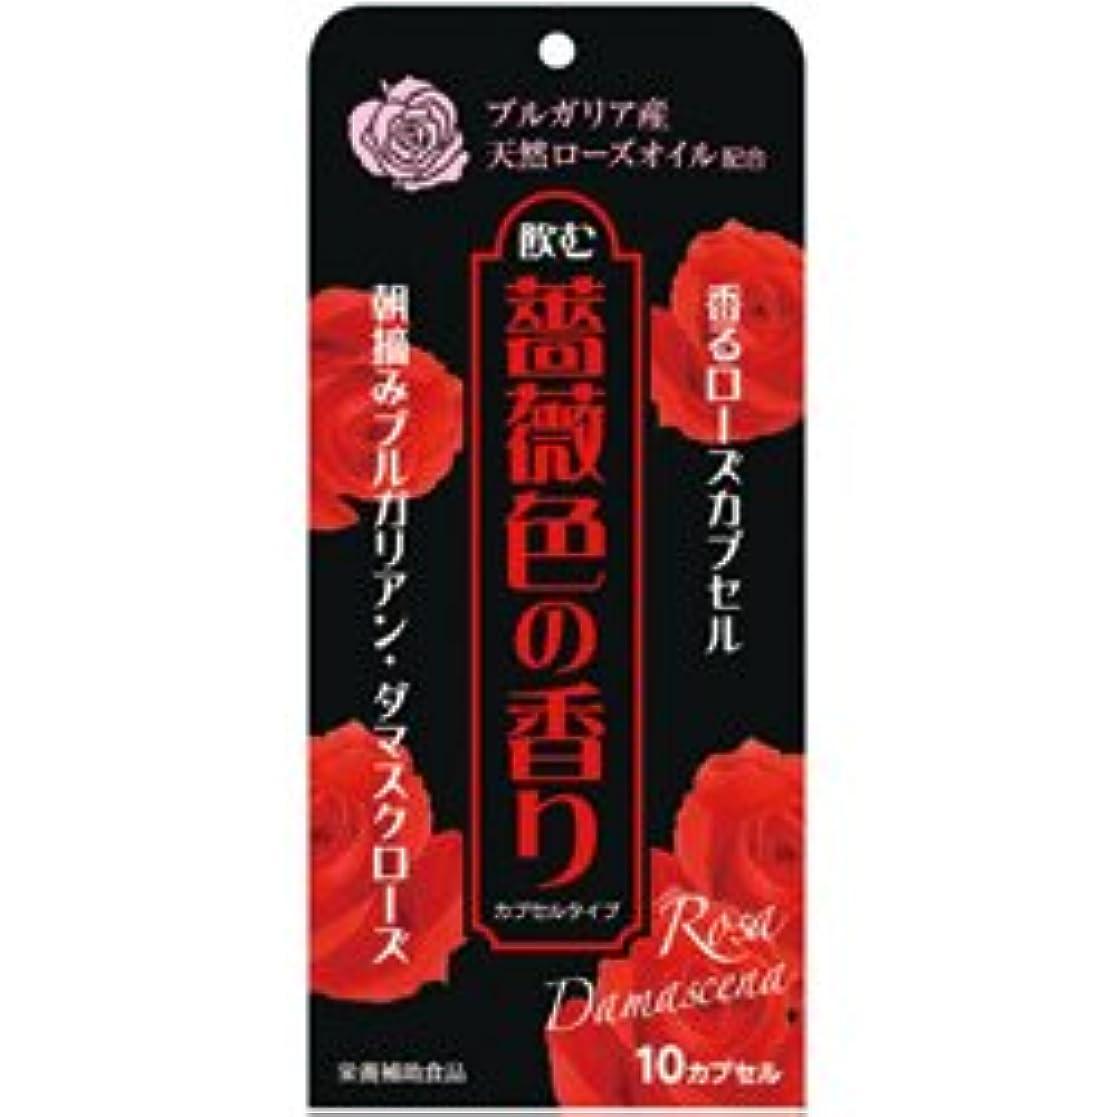 アミューズメントデイジー米ドル【ウェルネスジャパン】飲む薔薇色の香り 10カプセル ×5個セット